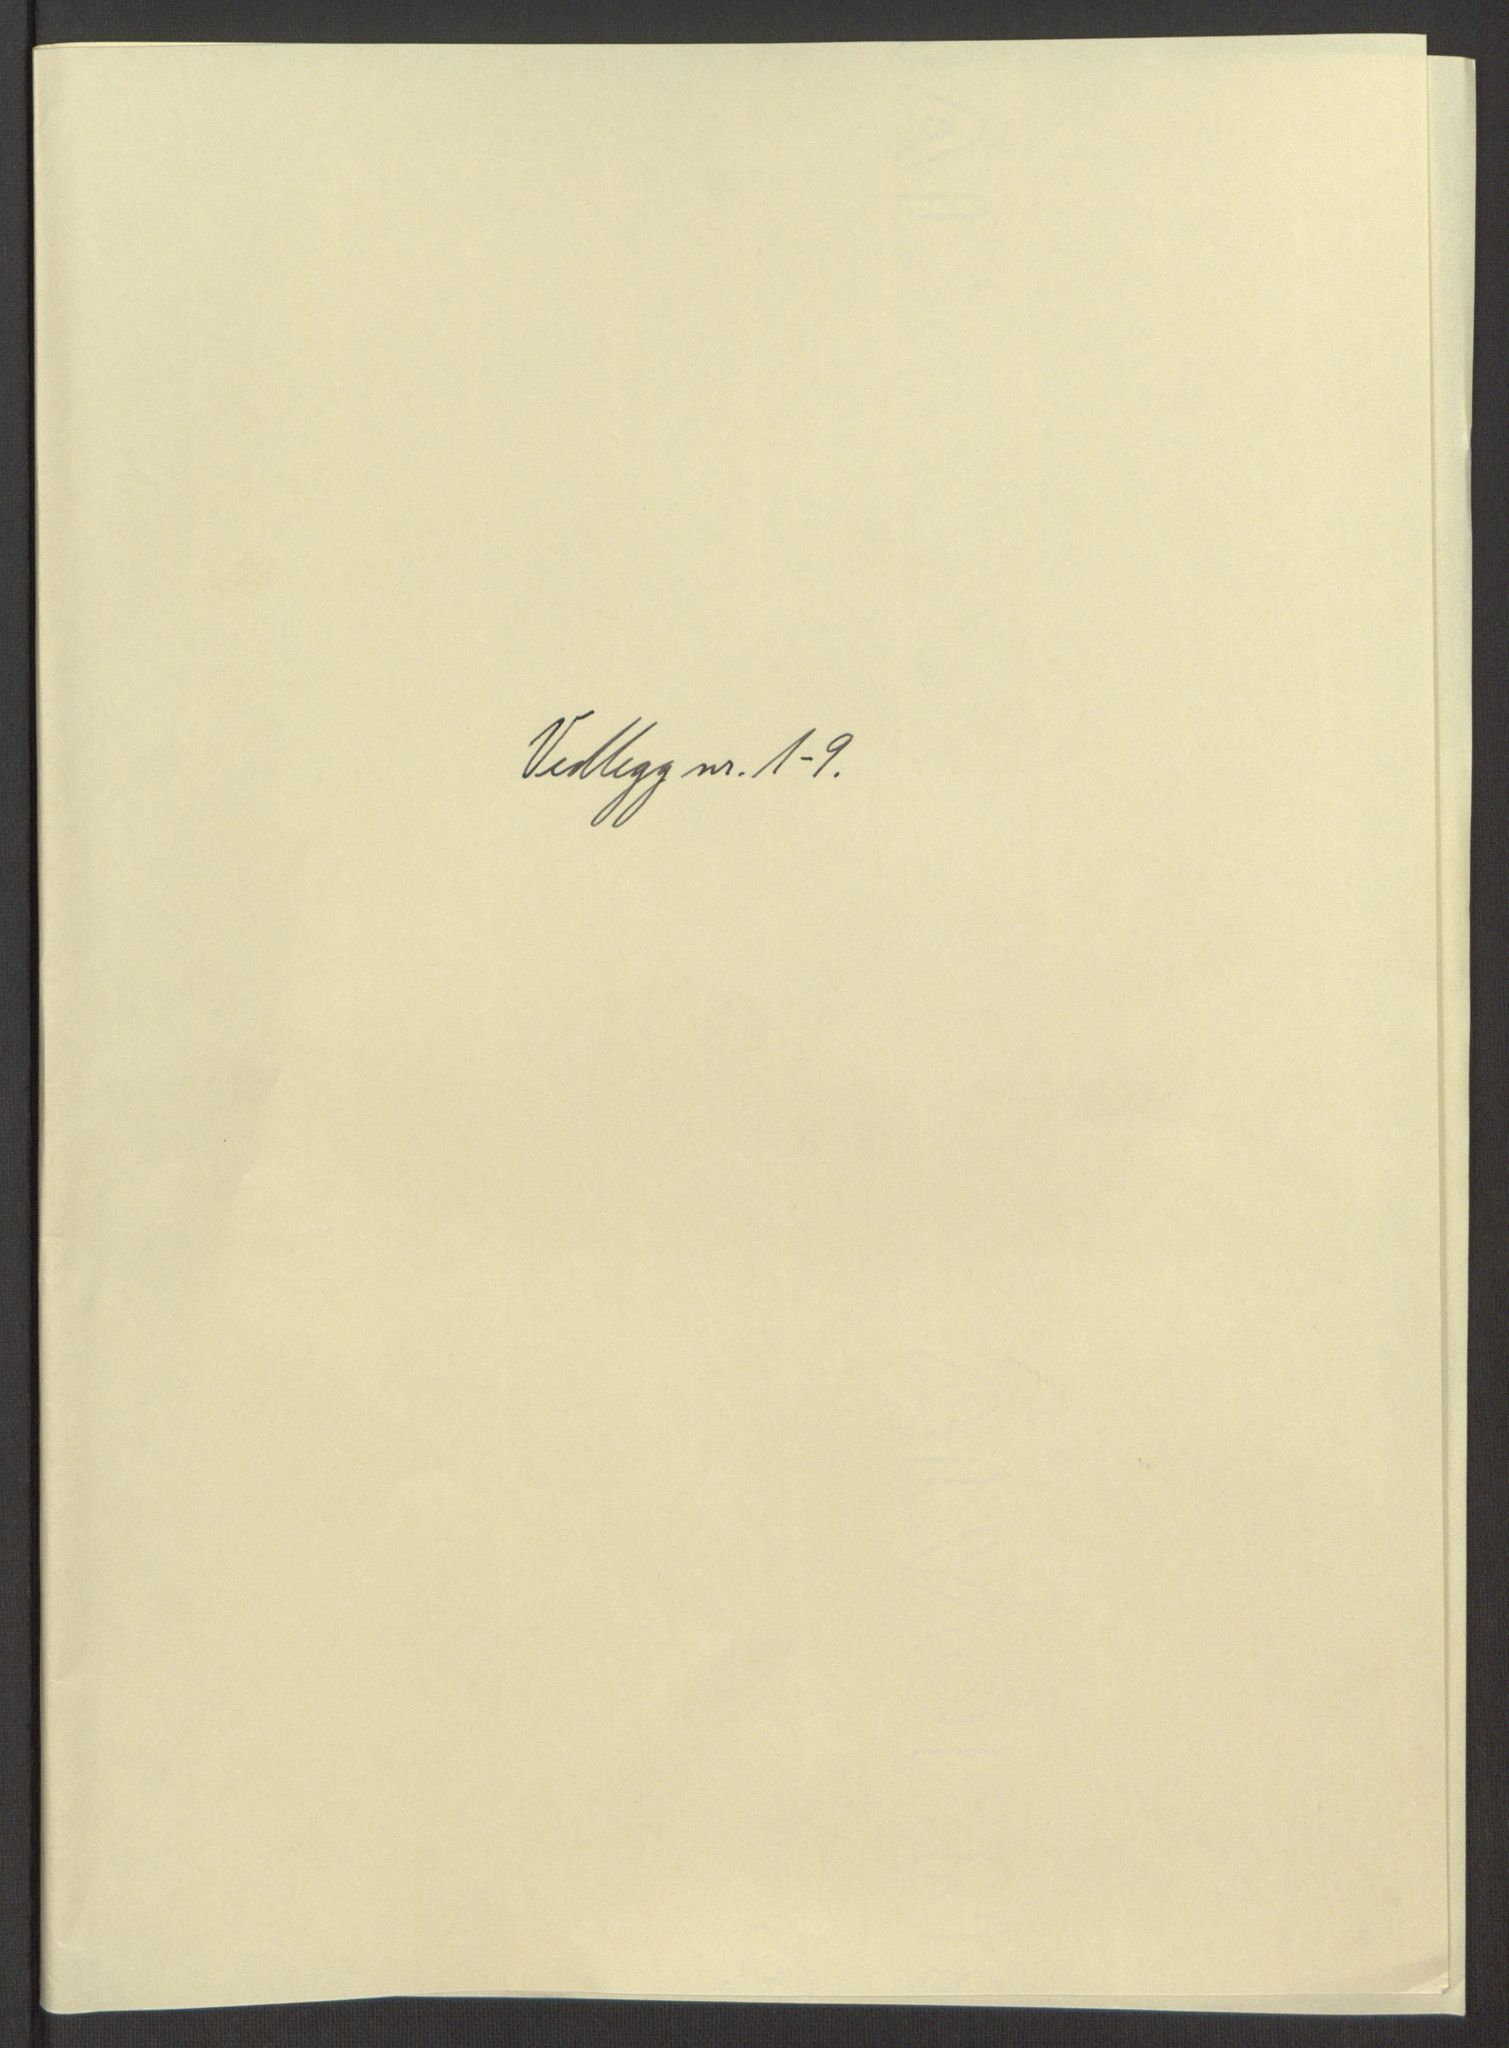 RA, Rentekammeret inntil 1814, Reviderte regnskaper, Fogderegnskap, R60/L3944: Fogderegnskap Orkdal og Gauldal, 1694, s. 412